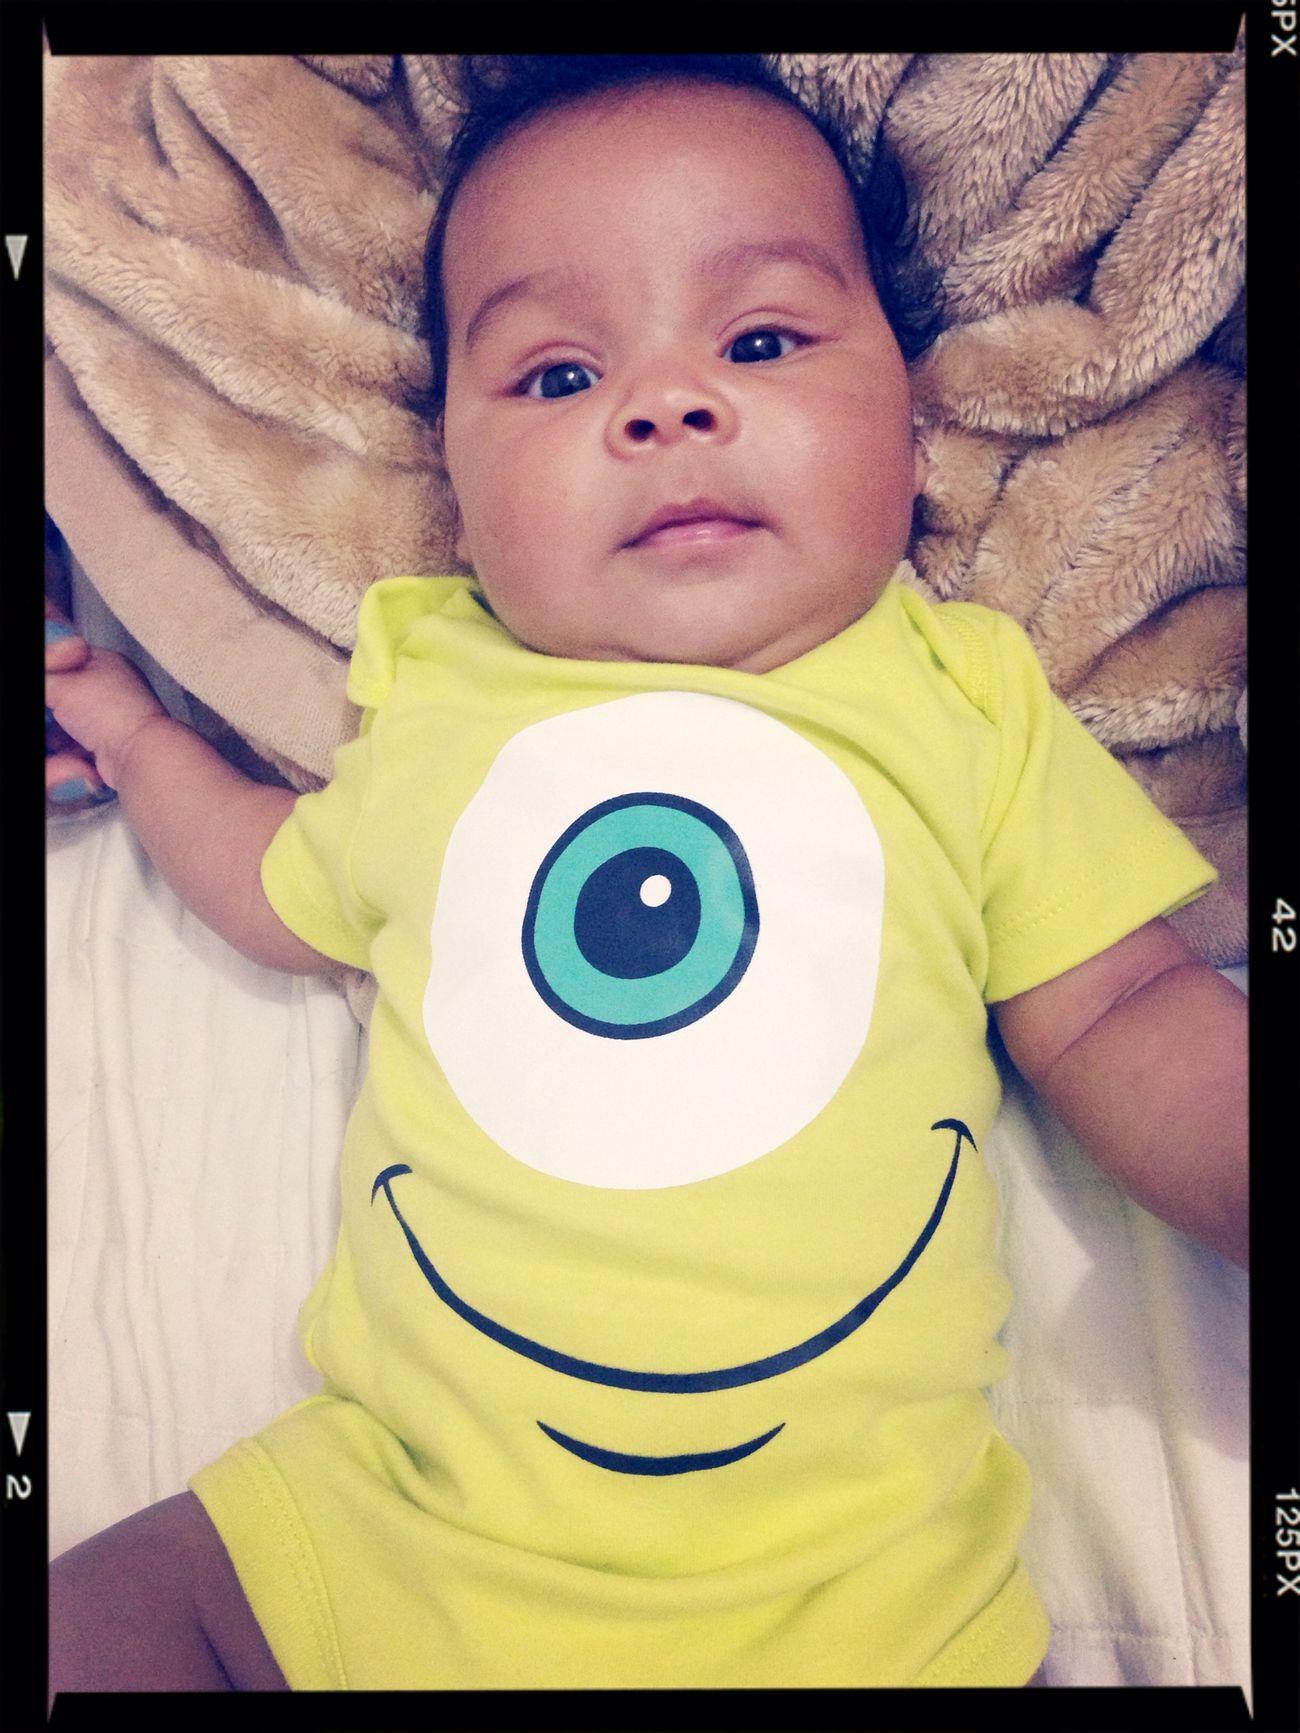 Minha Princêsa Lindaaa da Tiiaaa ❤️❤️❤️❤️❤️❤️ Rayanne